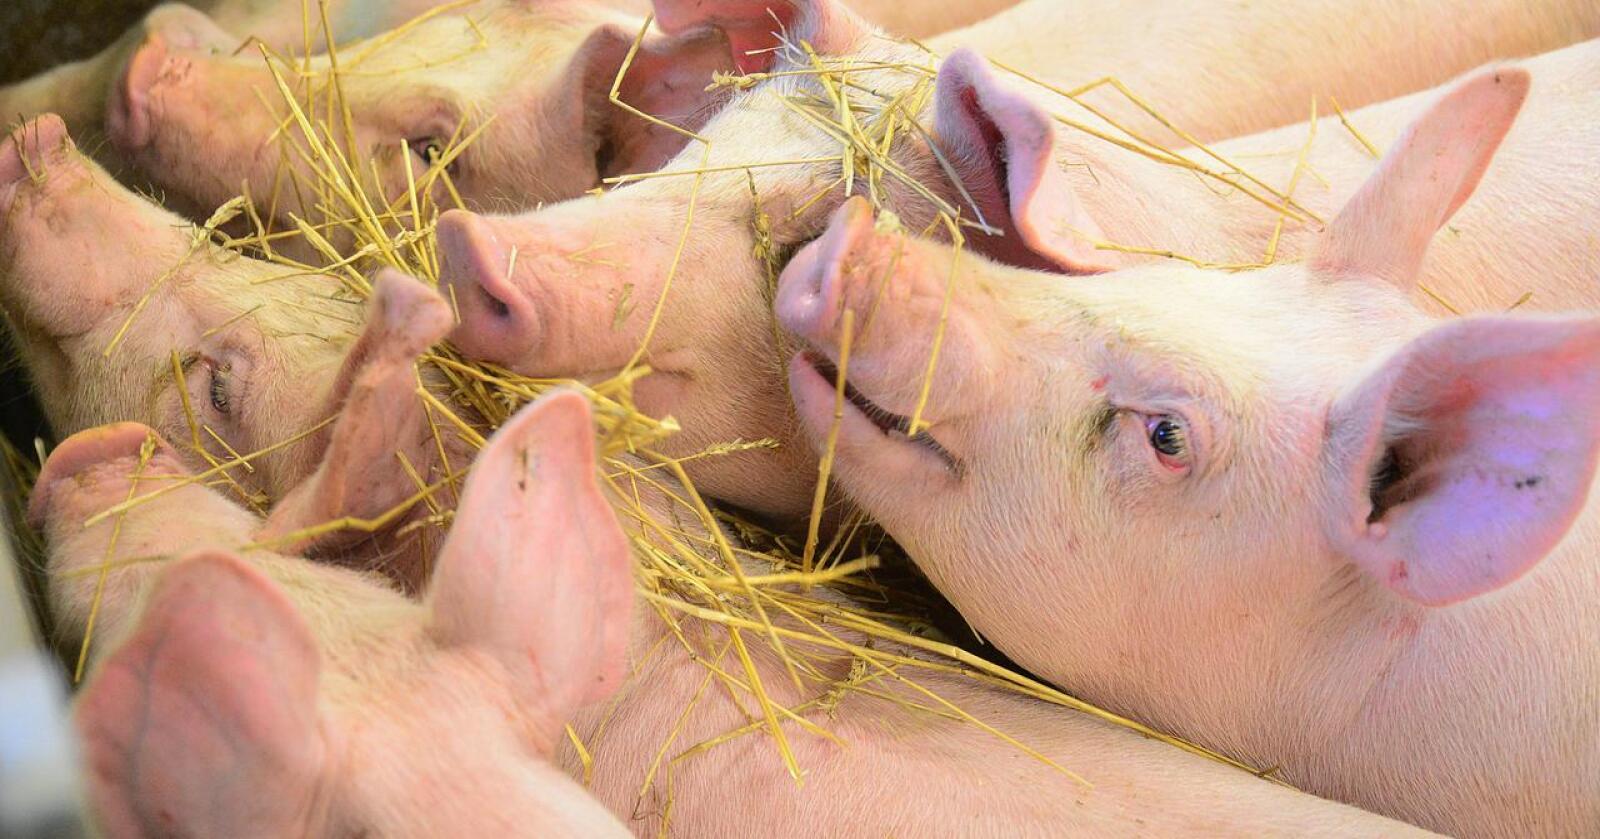 Dyrevelferd: Det føres ikke kontroll med alle matproduserende dyrehold i Norge. Mattilsynet har ikke ressurser til å dra på rutinetilsyn, skriver kronikkforfatterne. Illustrasjonsfoto: Siri Juell Rasmussen